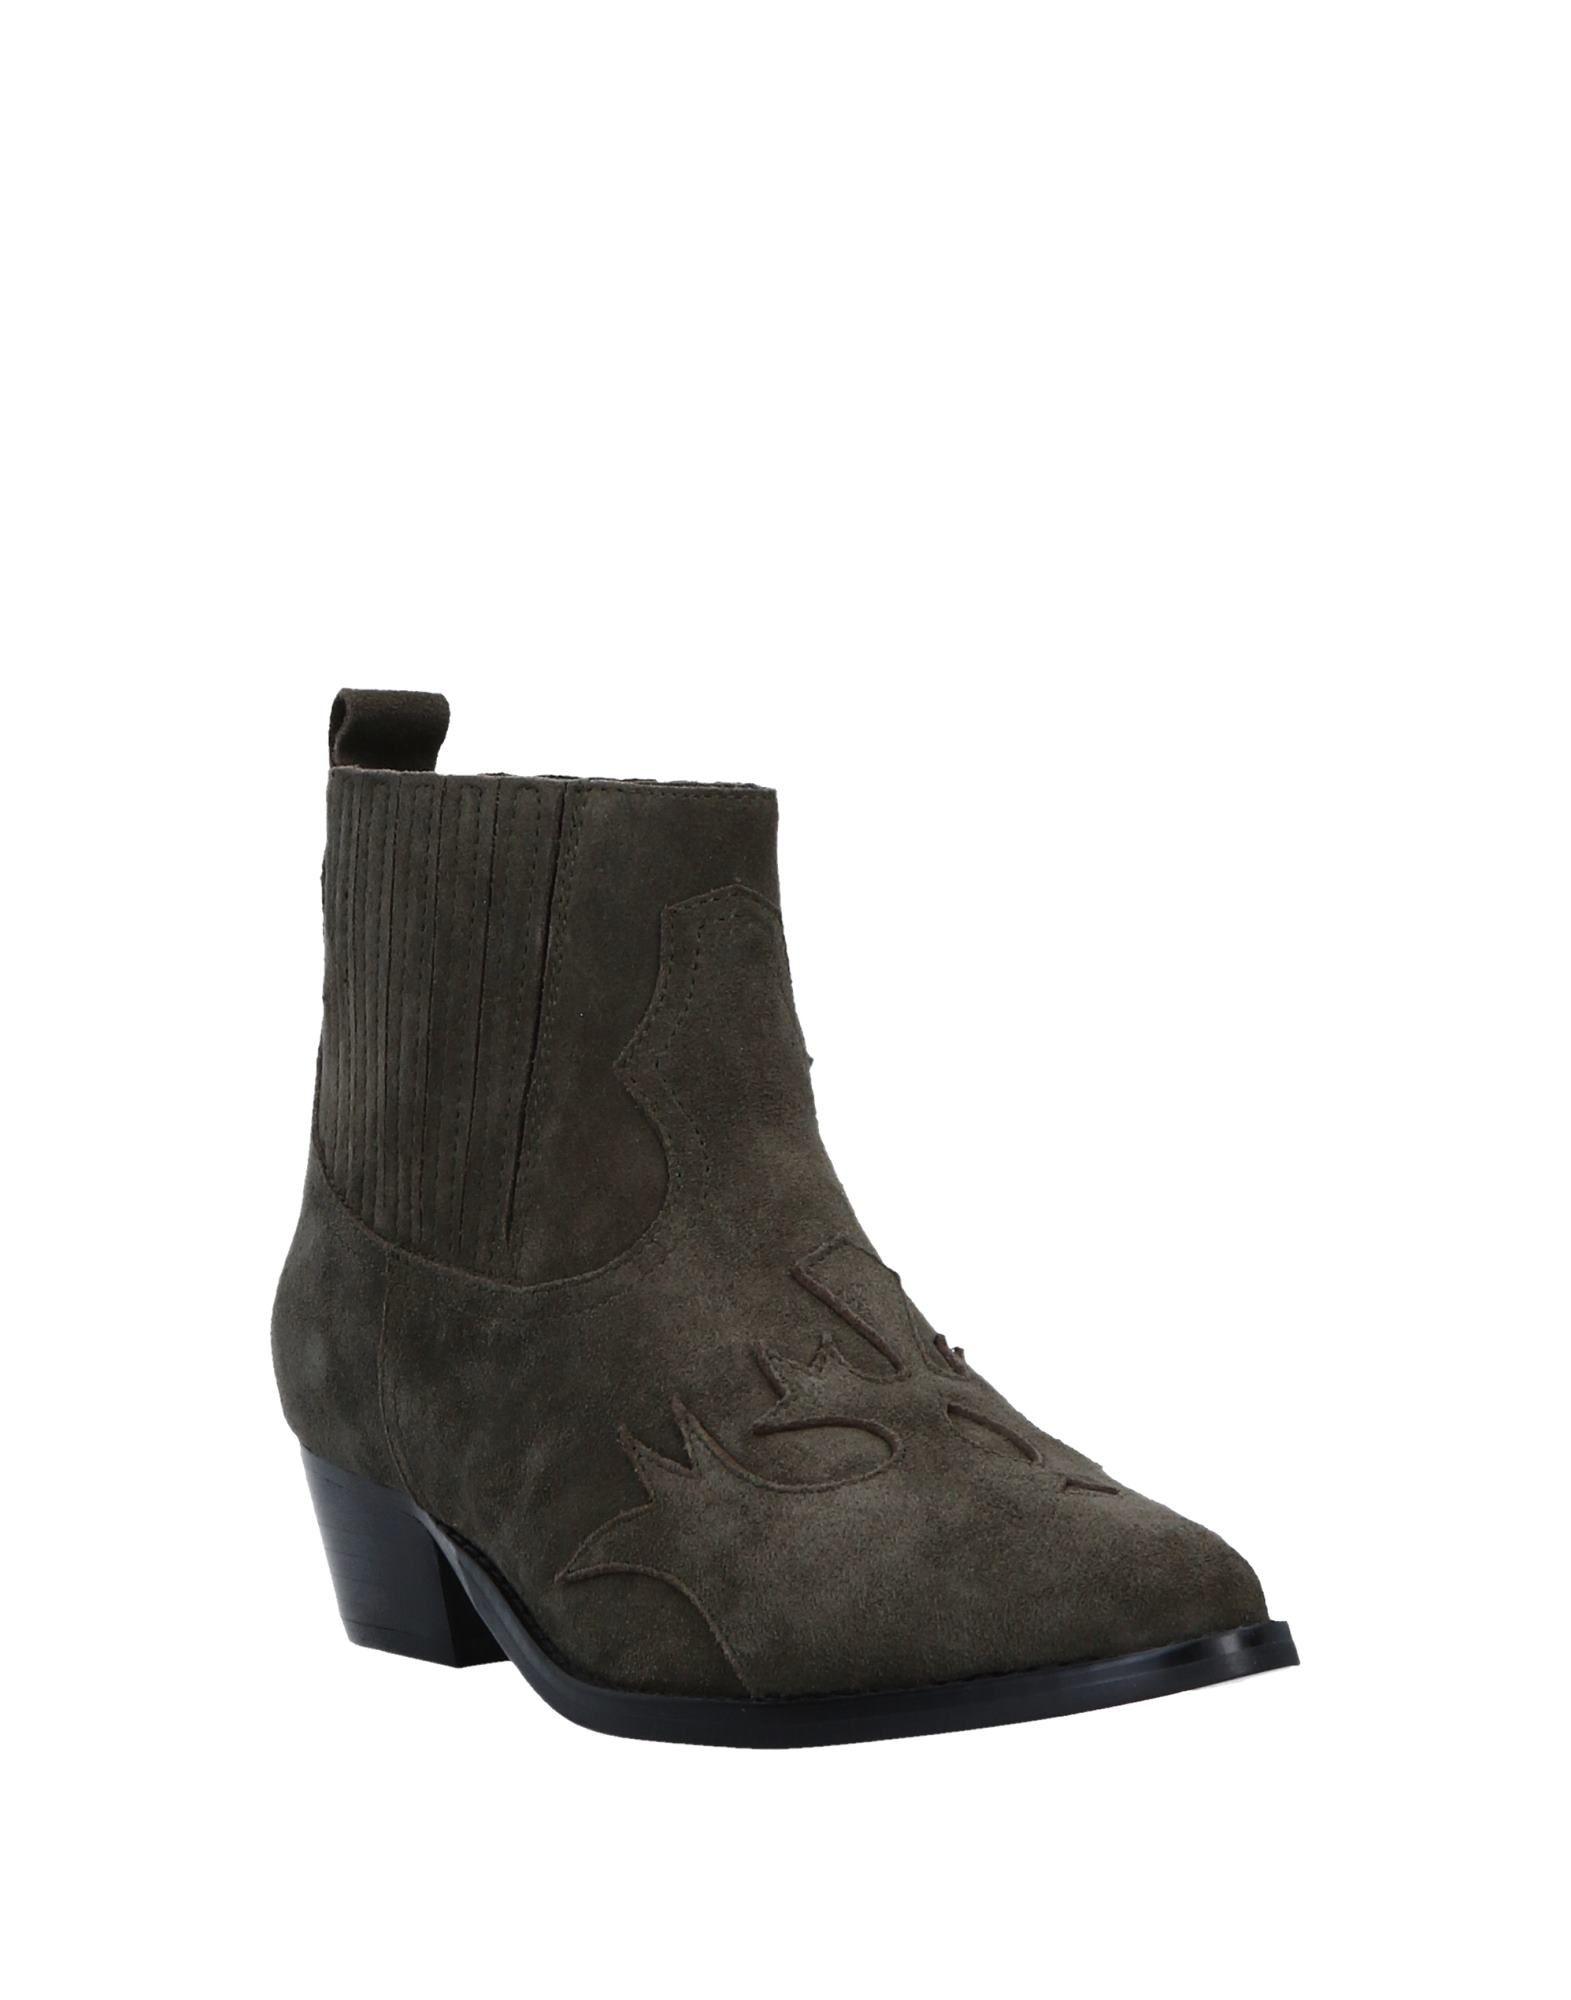 Bibi Lou Chelsea Boots Damen Damen Damen  11523028SJ Gute Qualität beliebte Schuhe 083931